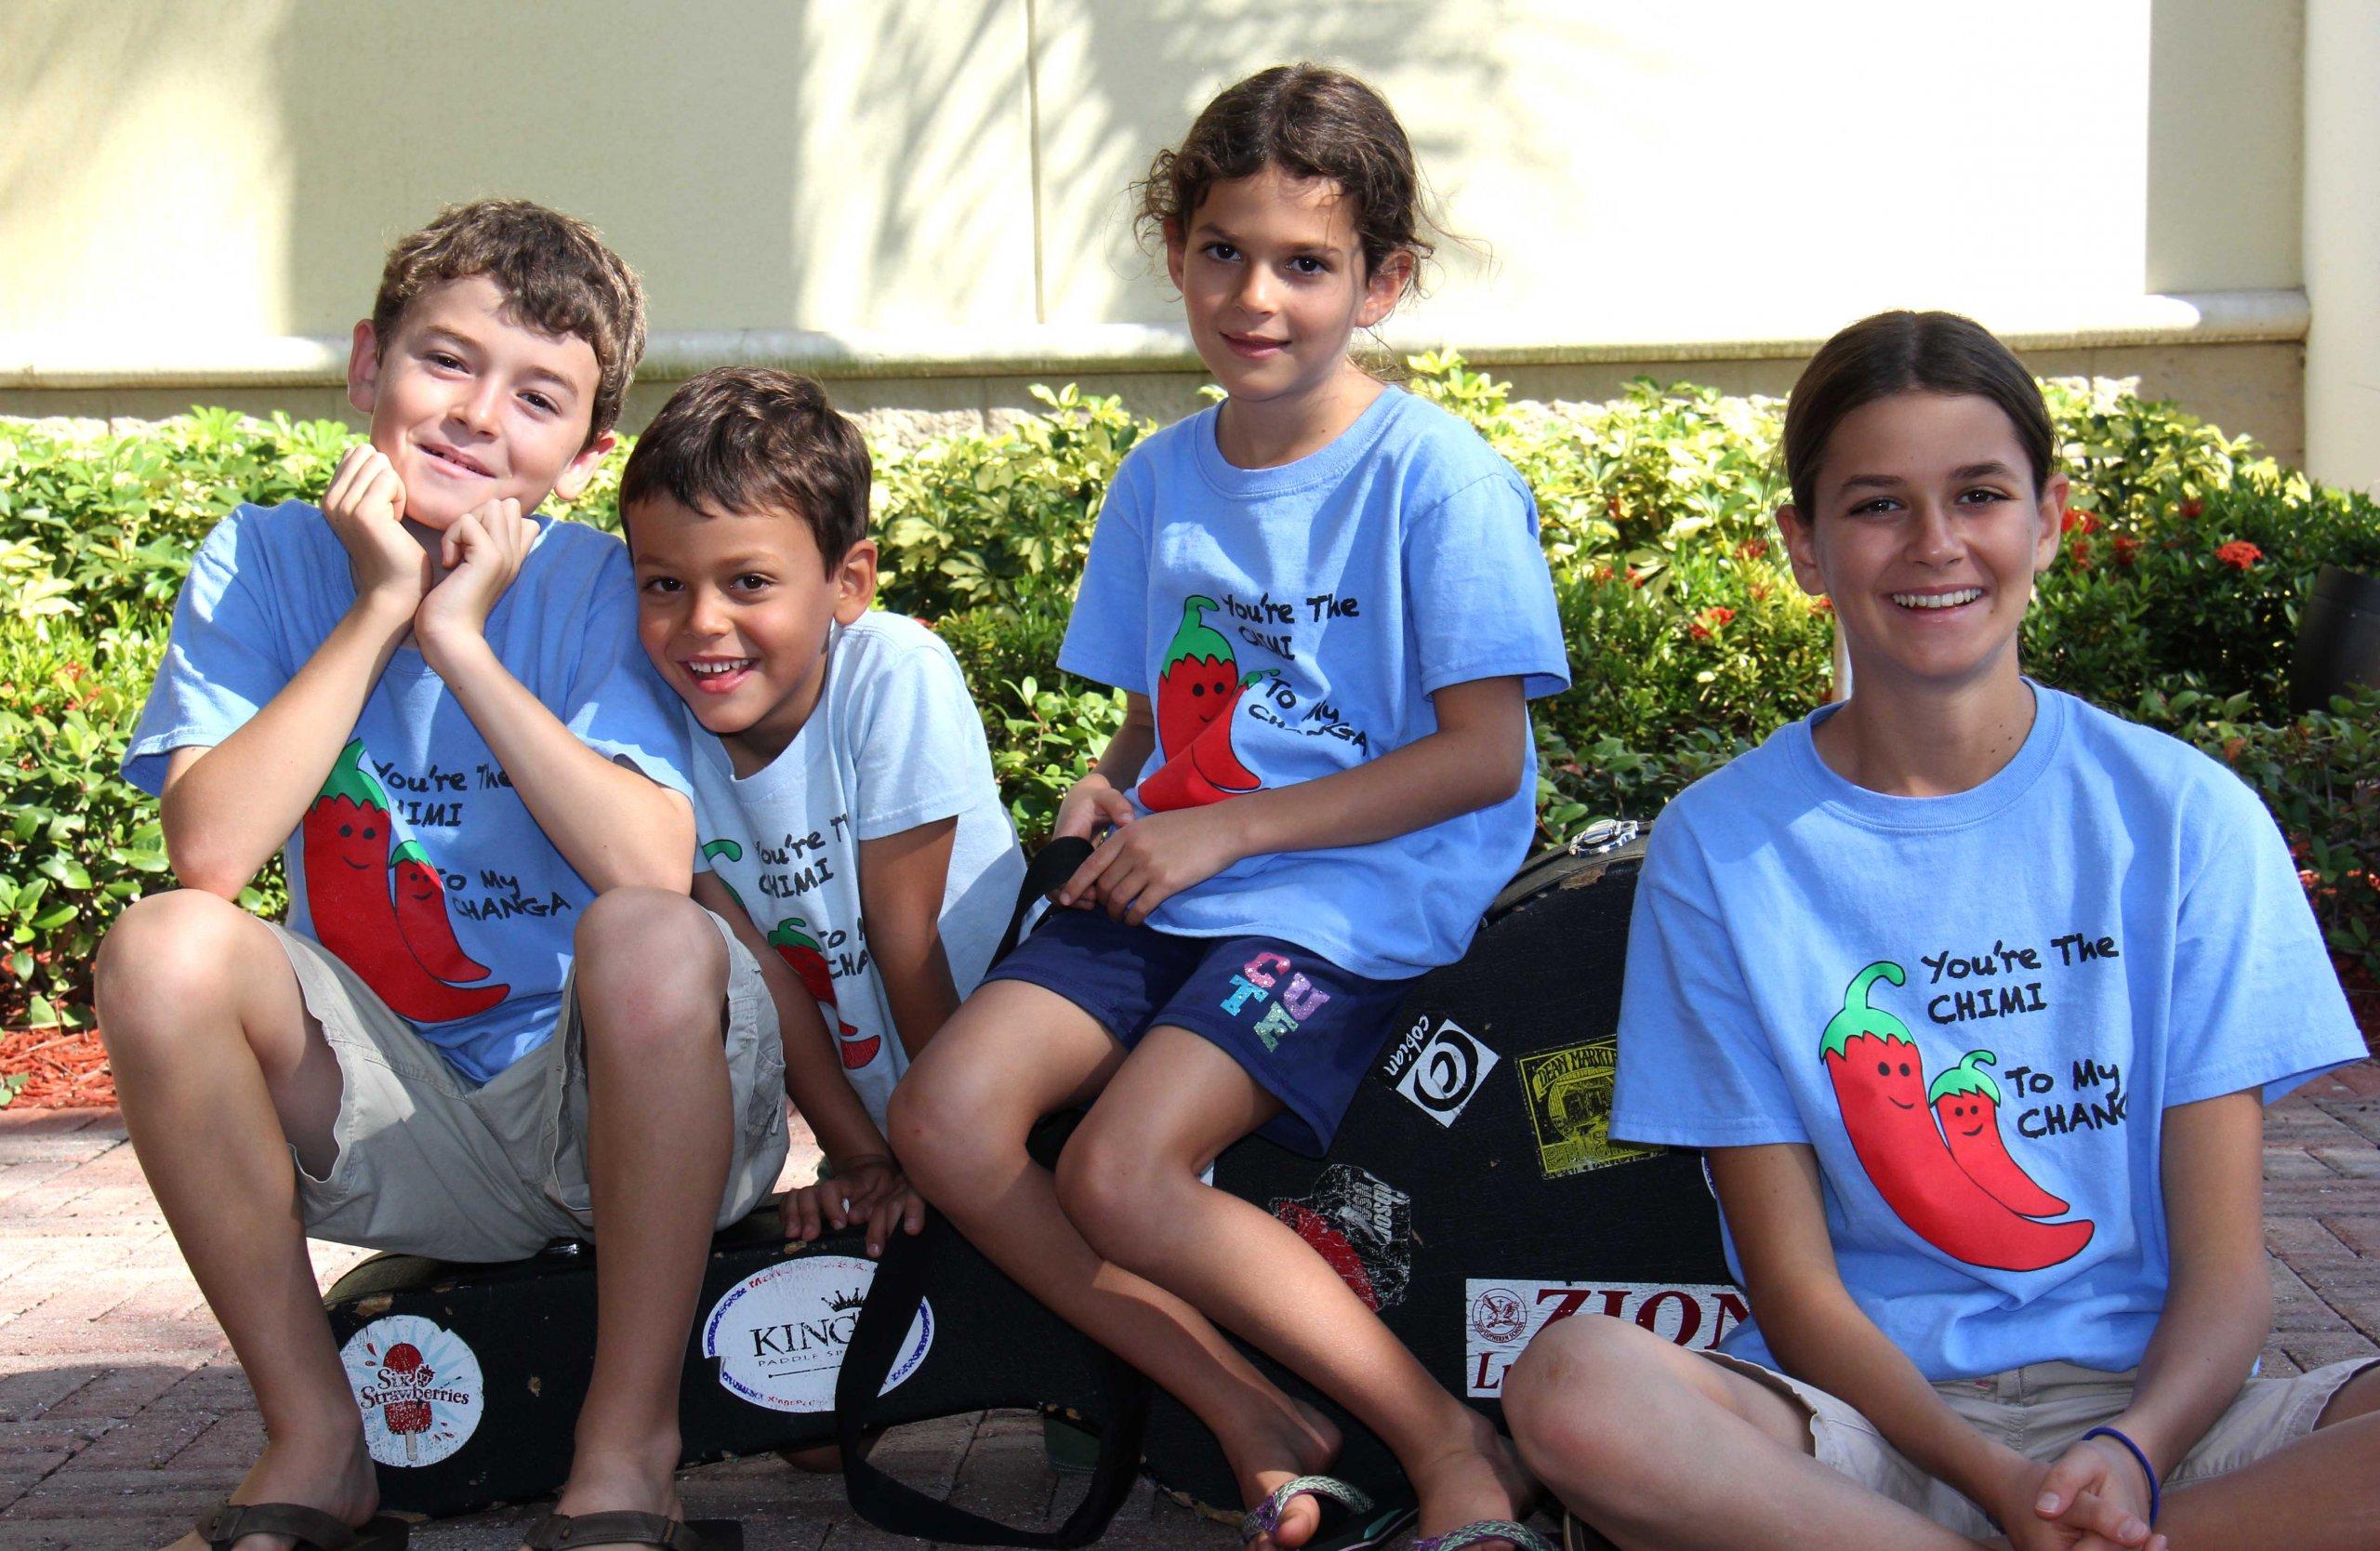 The Springmans kids - Ryan, Jacob, Sarah and Emma Springman